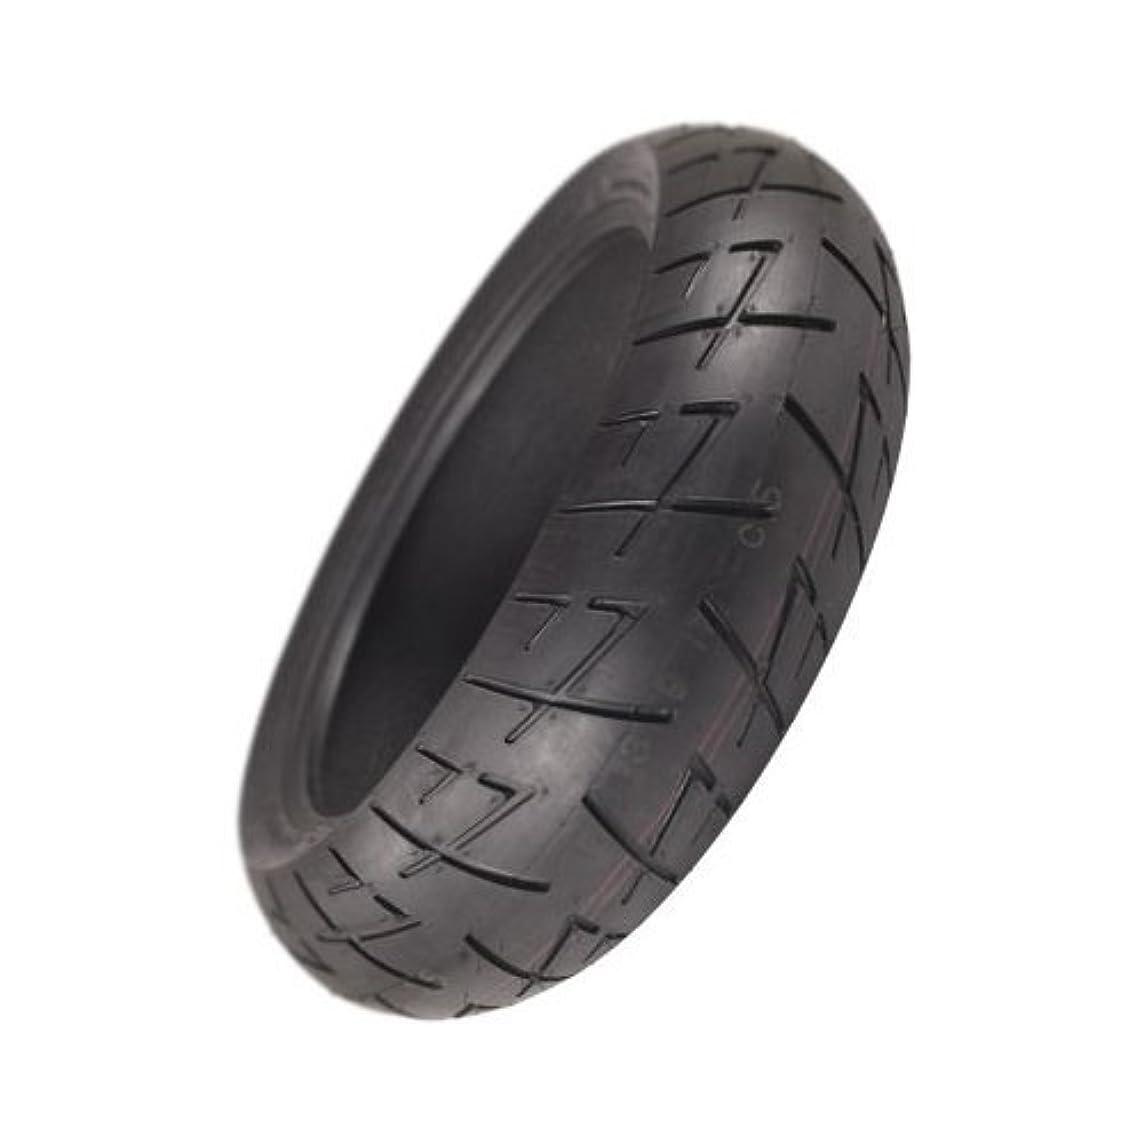 Shinko 009 Raven Radial Sport Bike Motorcycle Tire - 190/50ZR17 / Rear